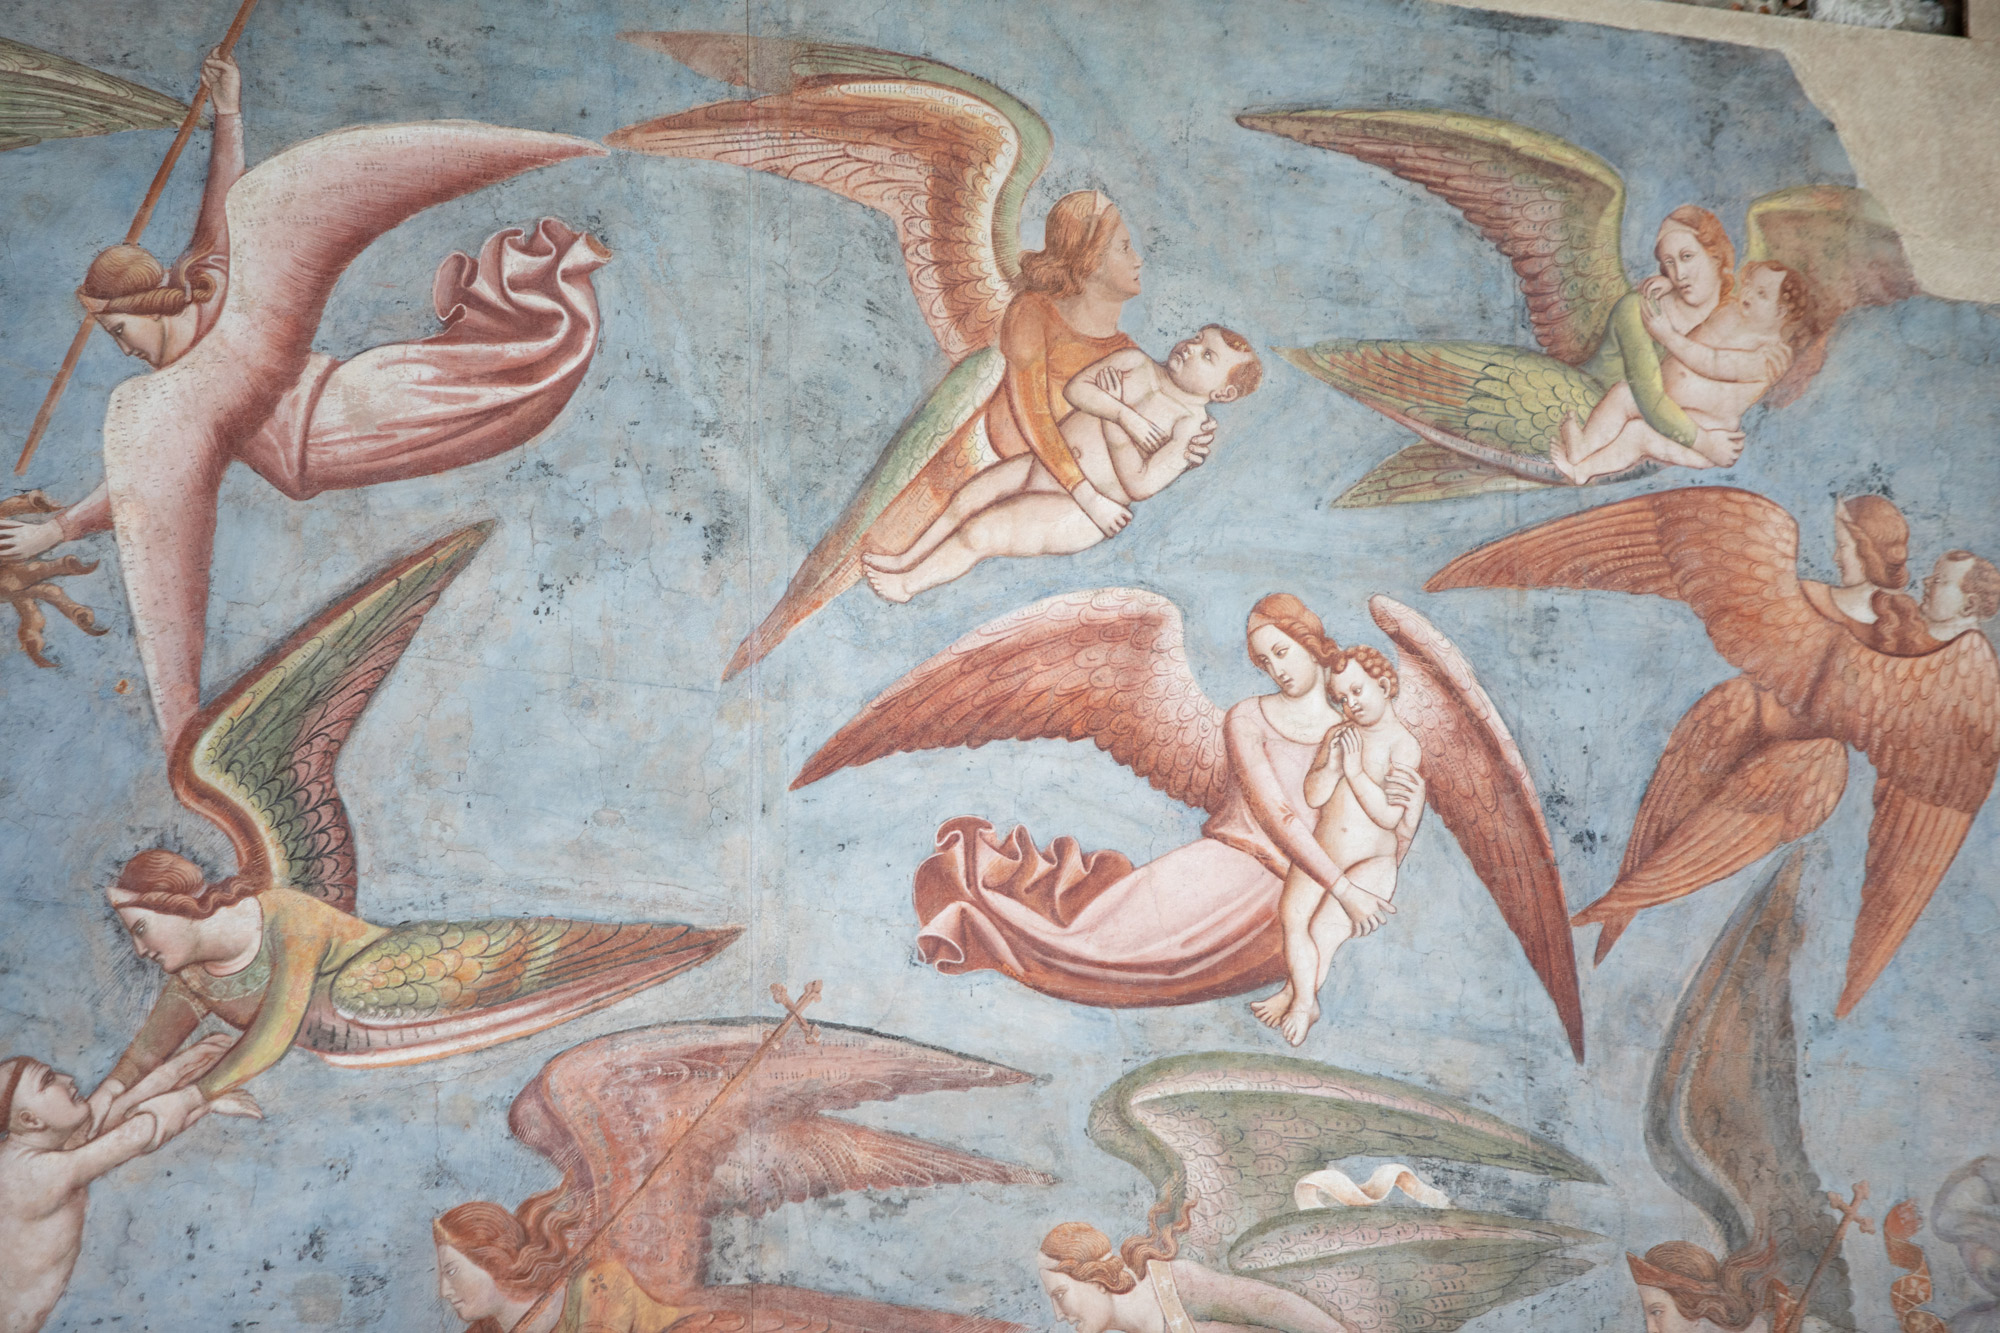 Bonamico Buffalmacco, Trionfo della Morte, dettaglio dei demoni e degli angeli che si disputano le anime